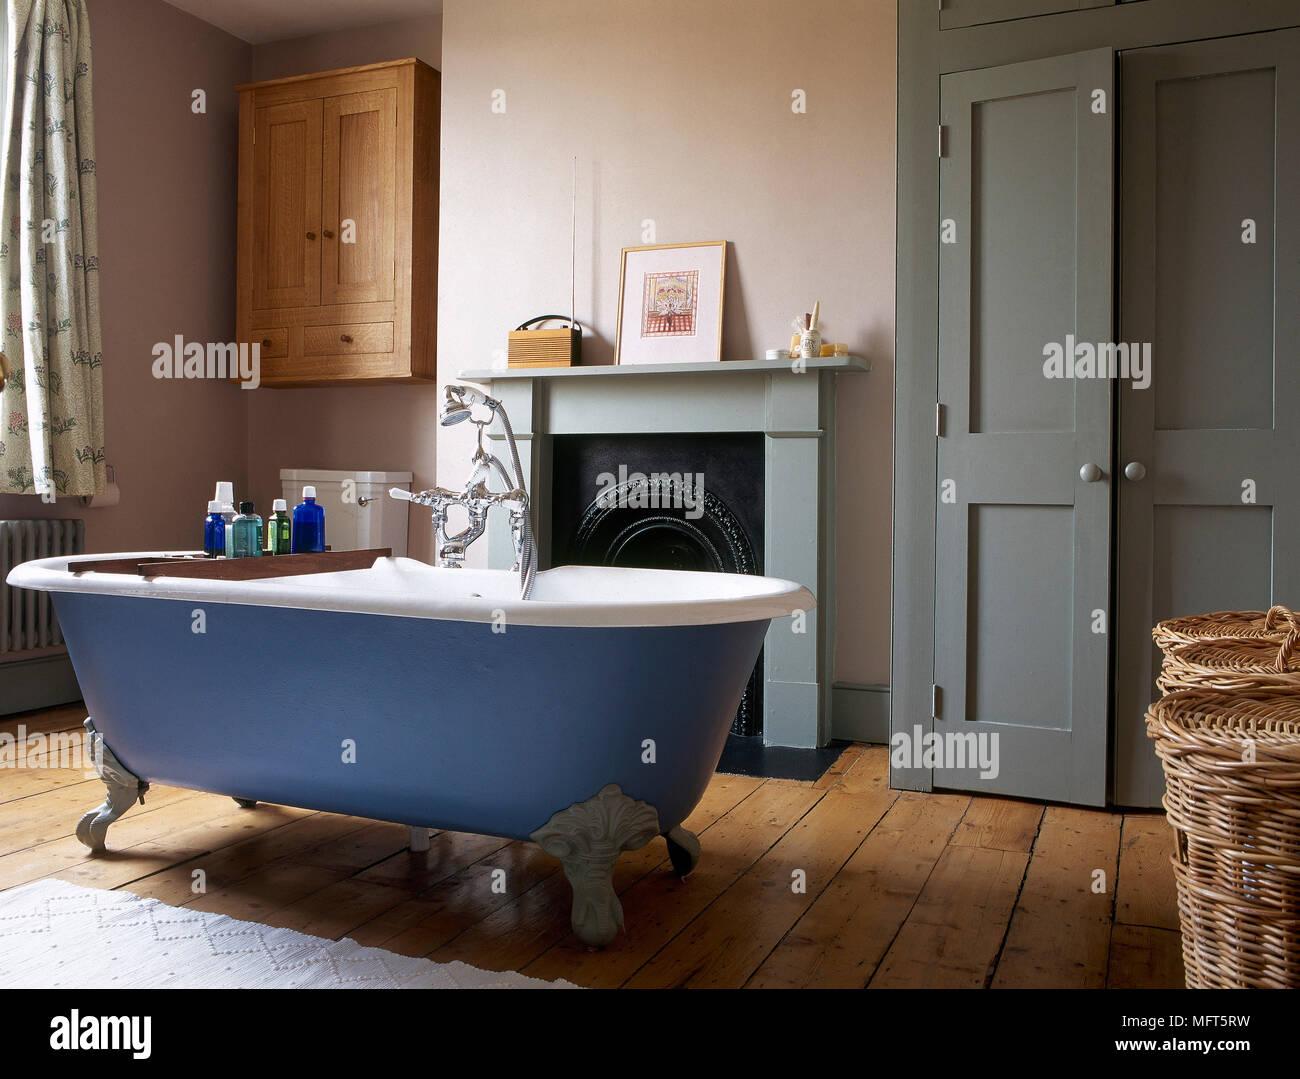 Badezimmer Mit Holzfußboden ~ Freistehende badewanne im badezimmer mit grün lackierten